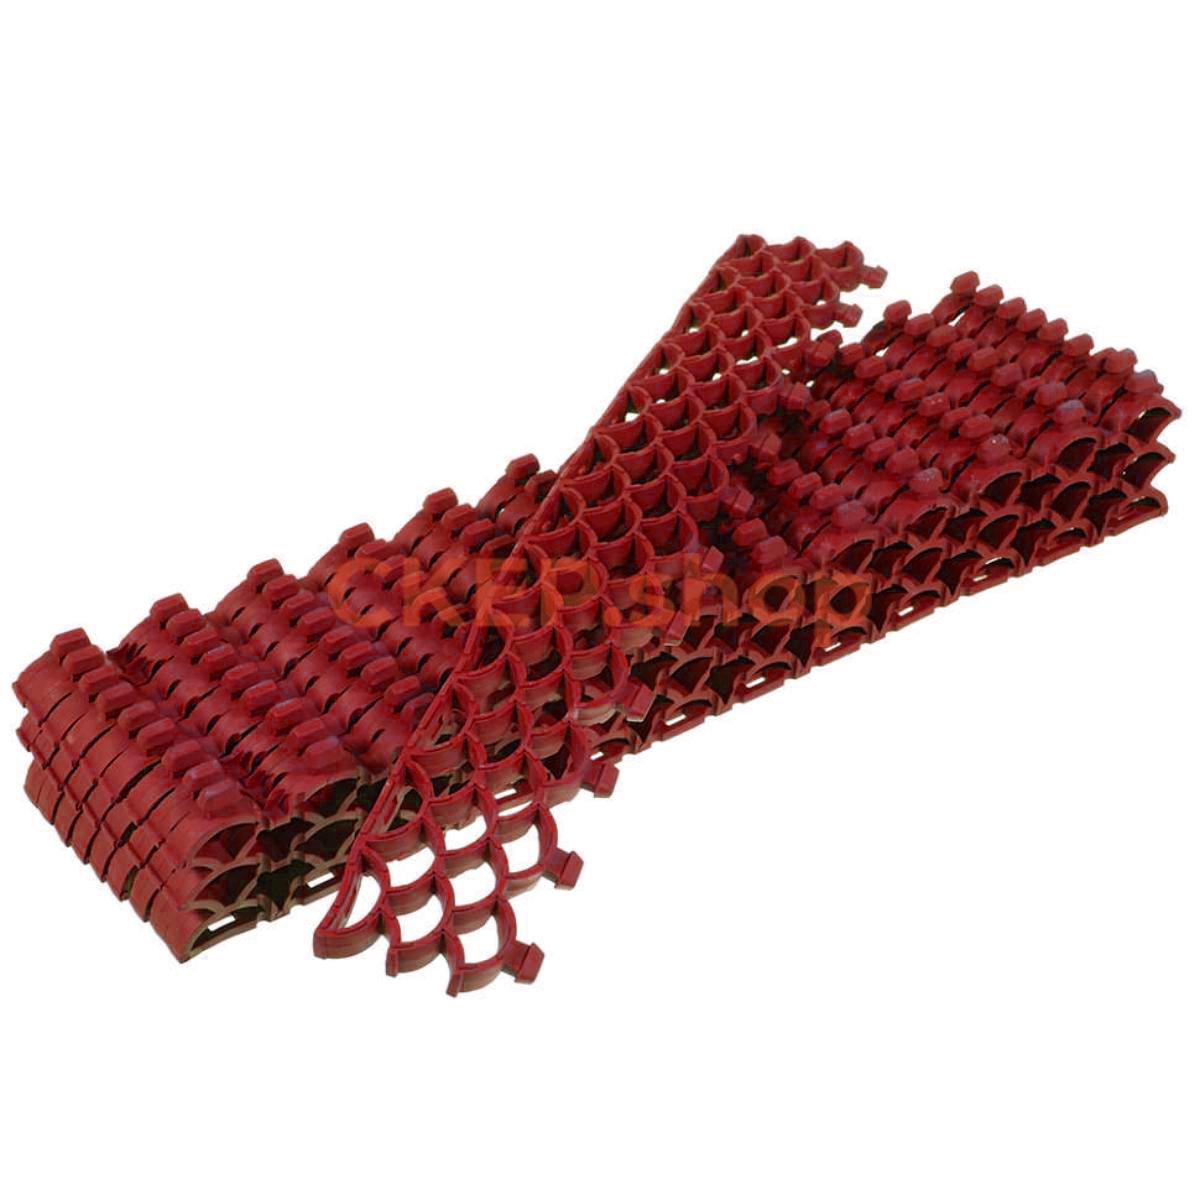 Покрытие грязезащитное Орикс-10, 10 мм, красное